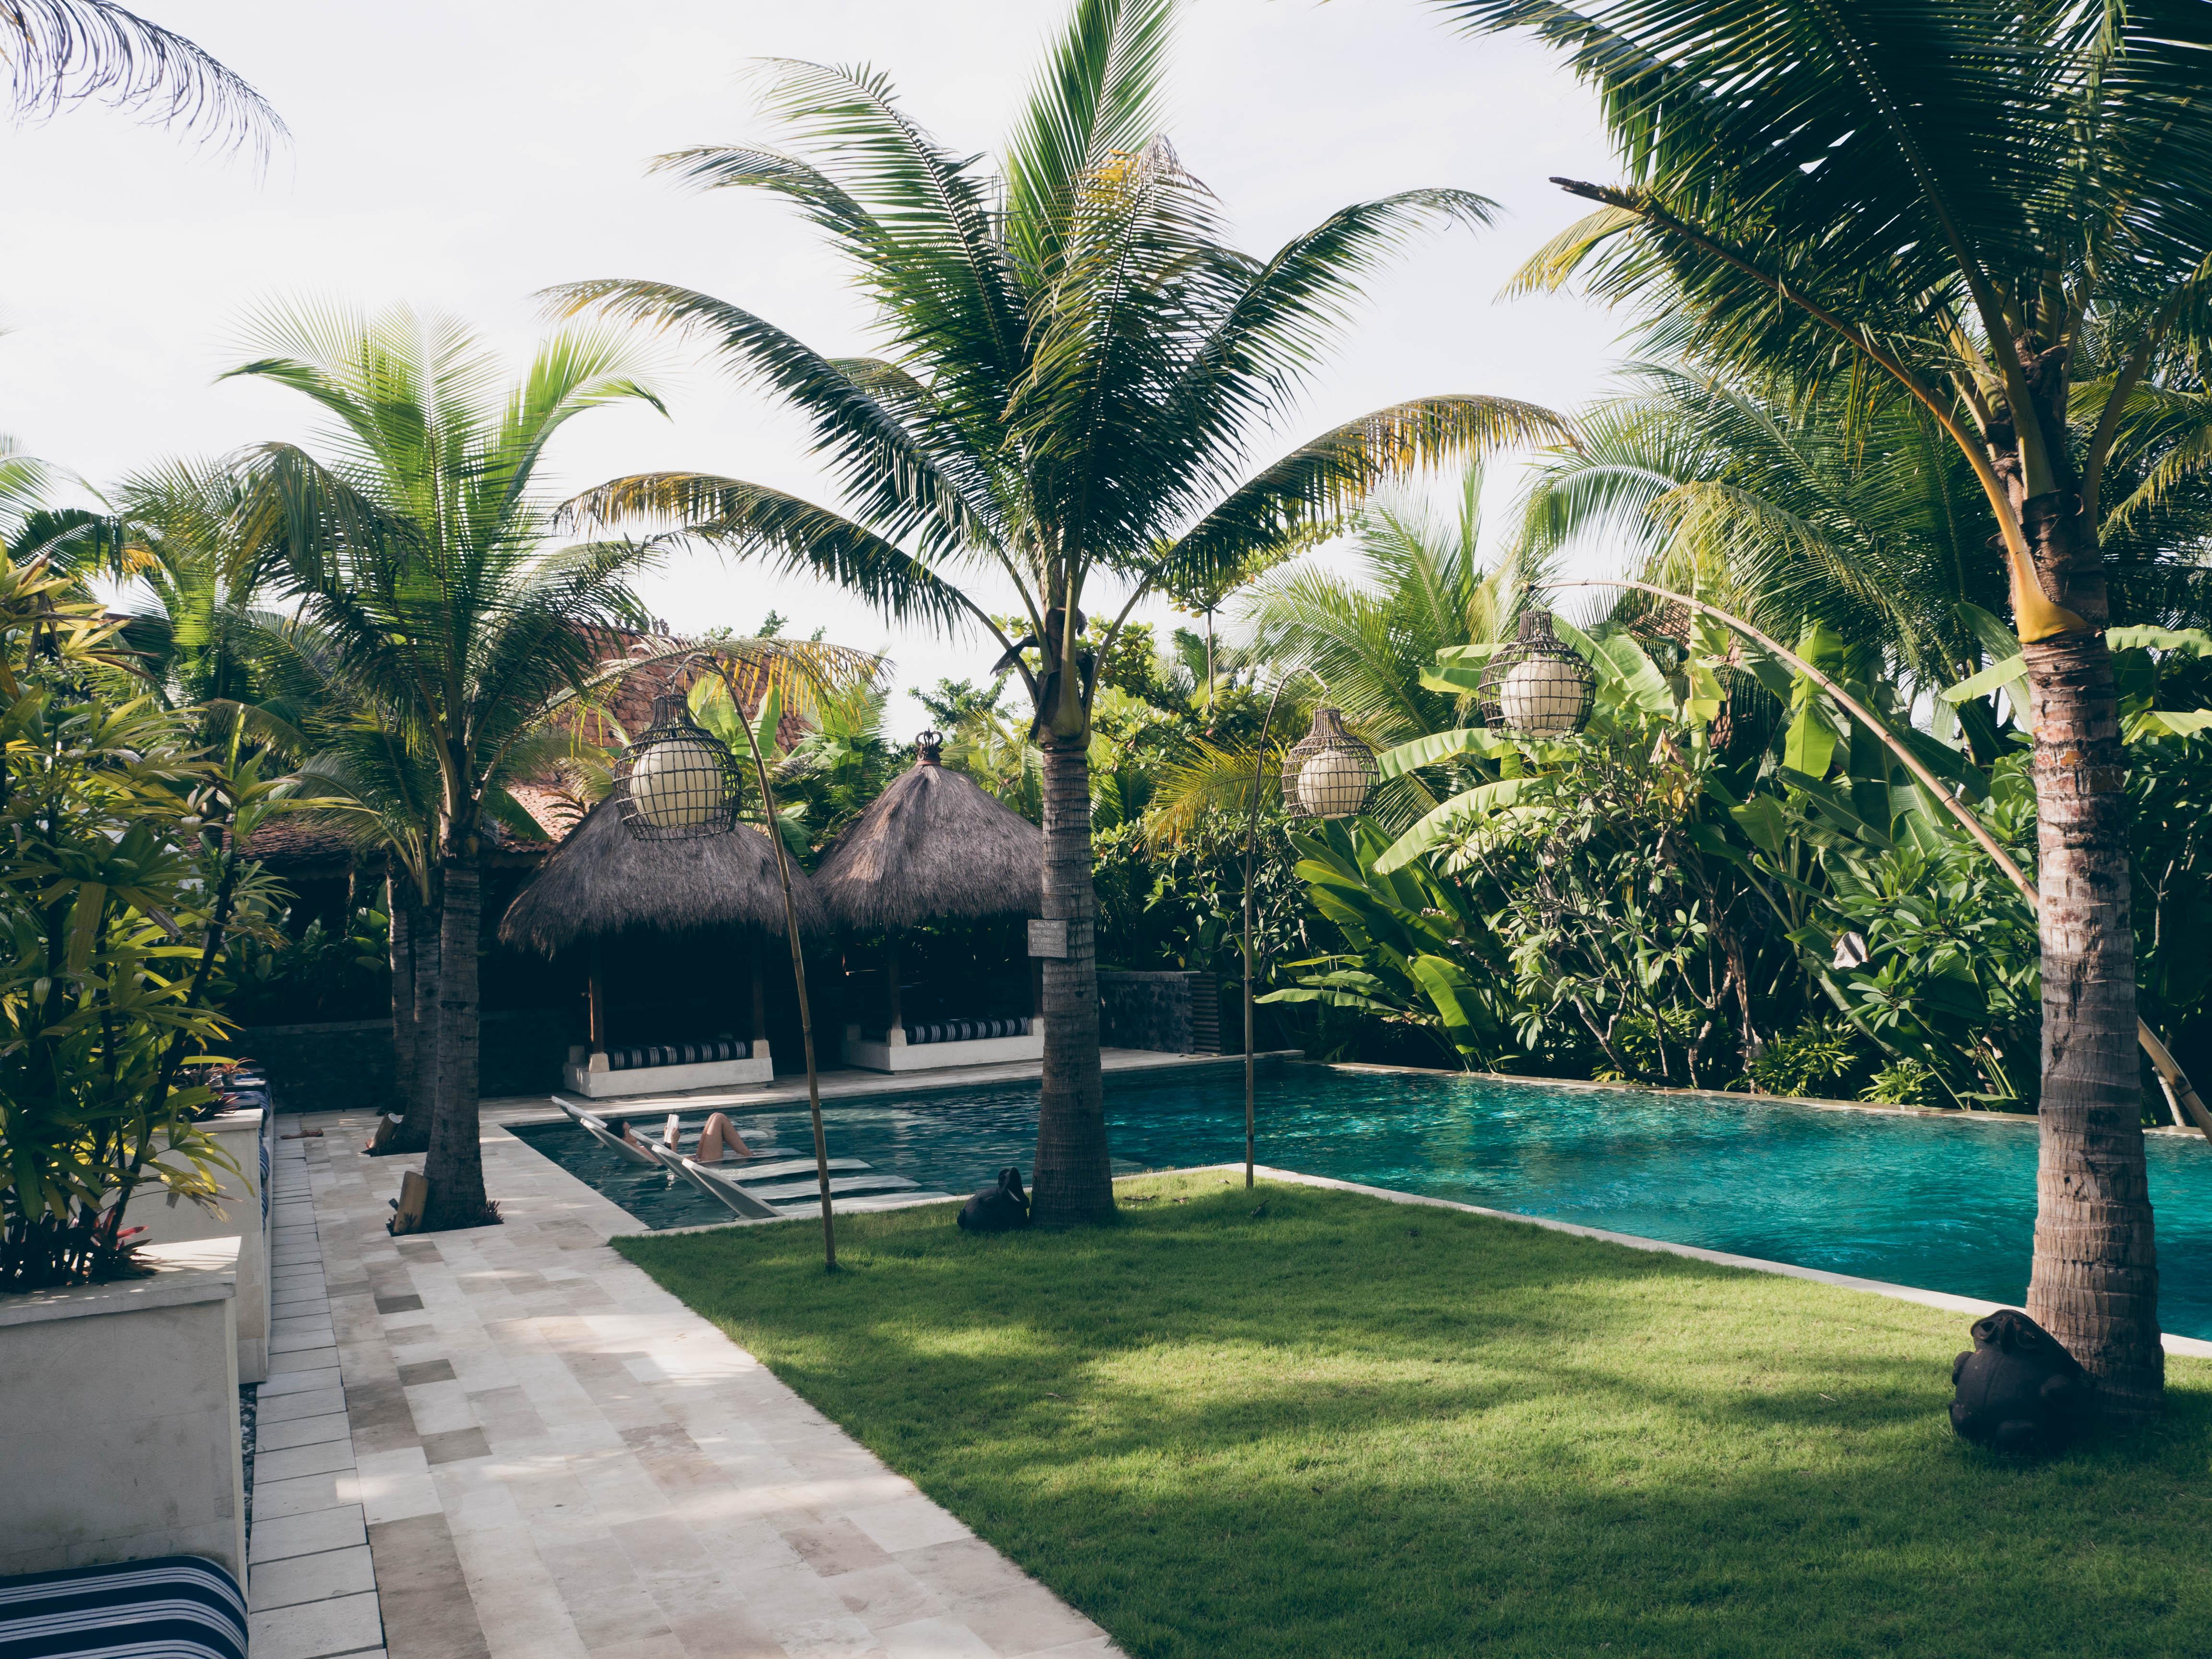 7-day yoga program at Hotel Komune Bali